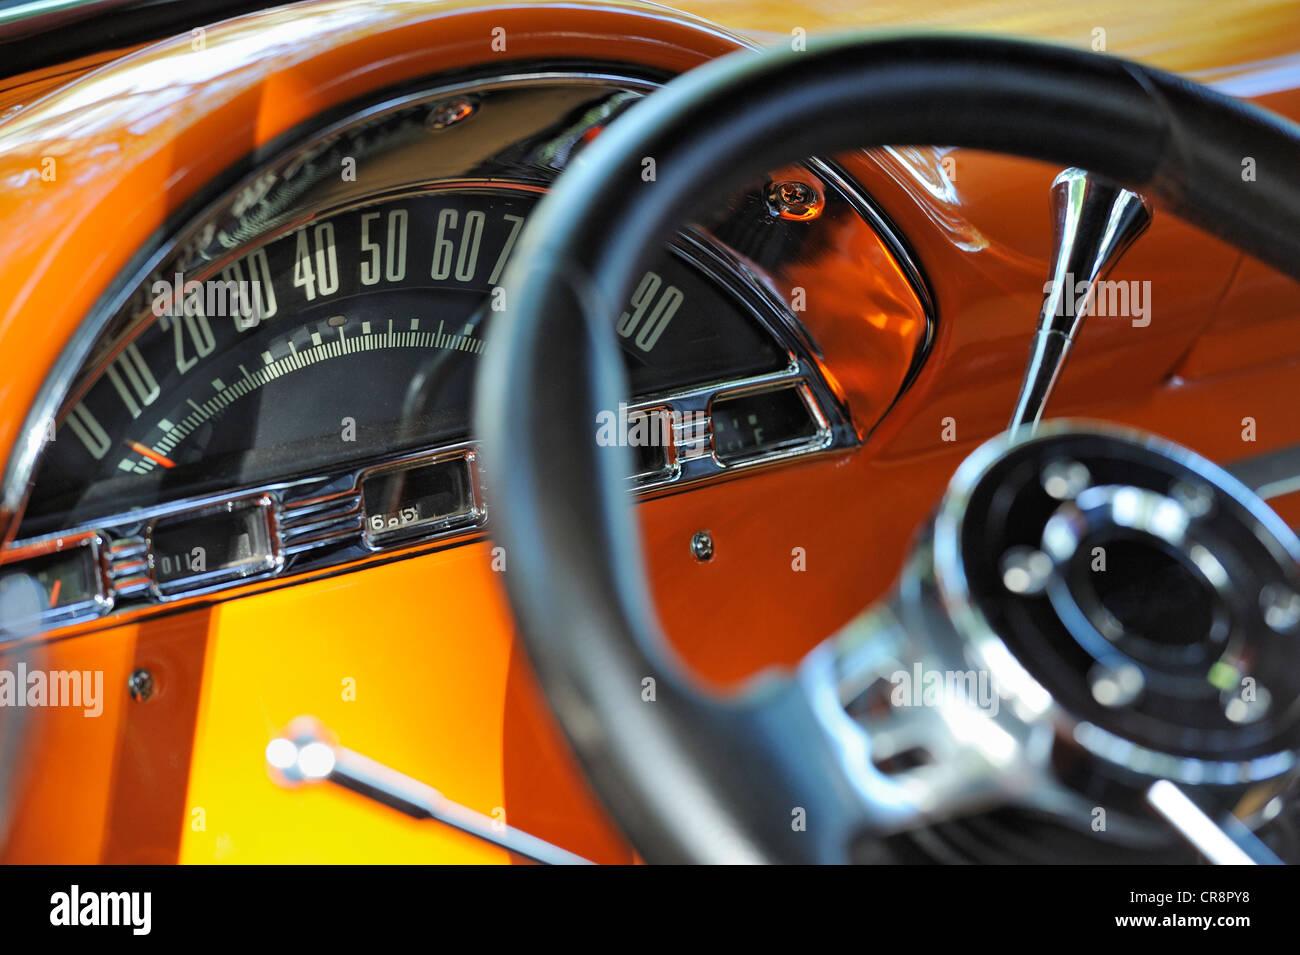 Closeup on odomoeter on orange seventies American car - Stock Image